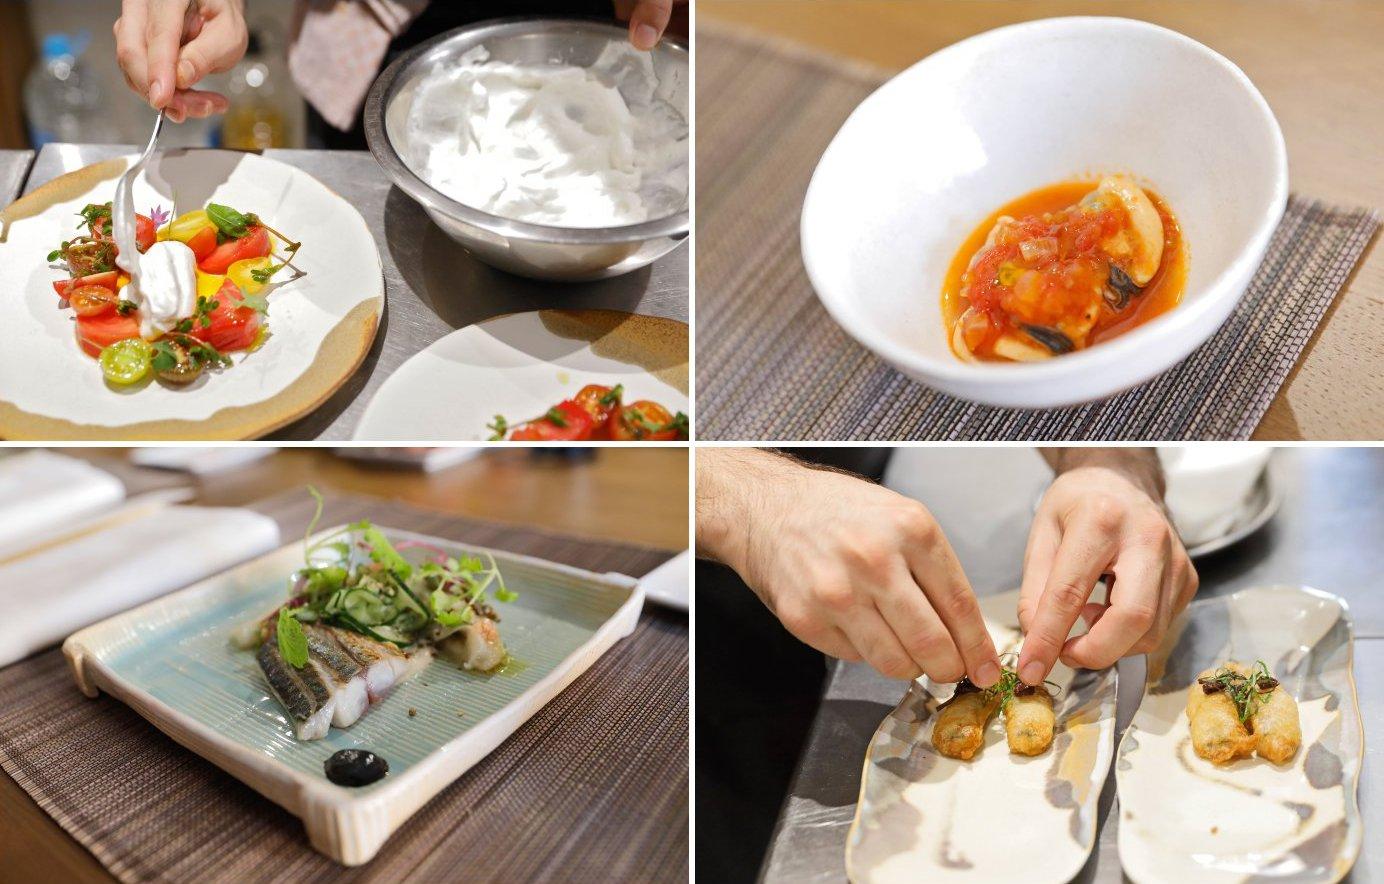 Ensalada de tomate con 'mousse' de leche de cabra; calabaza asada, 'clóchinas' y salsa marinera; caballa y berenjena asada con emulsión de ajo negro; y sardina en tempura.